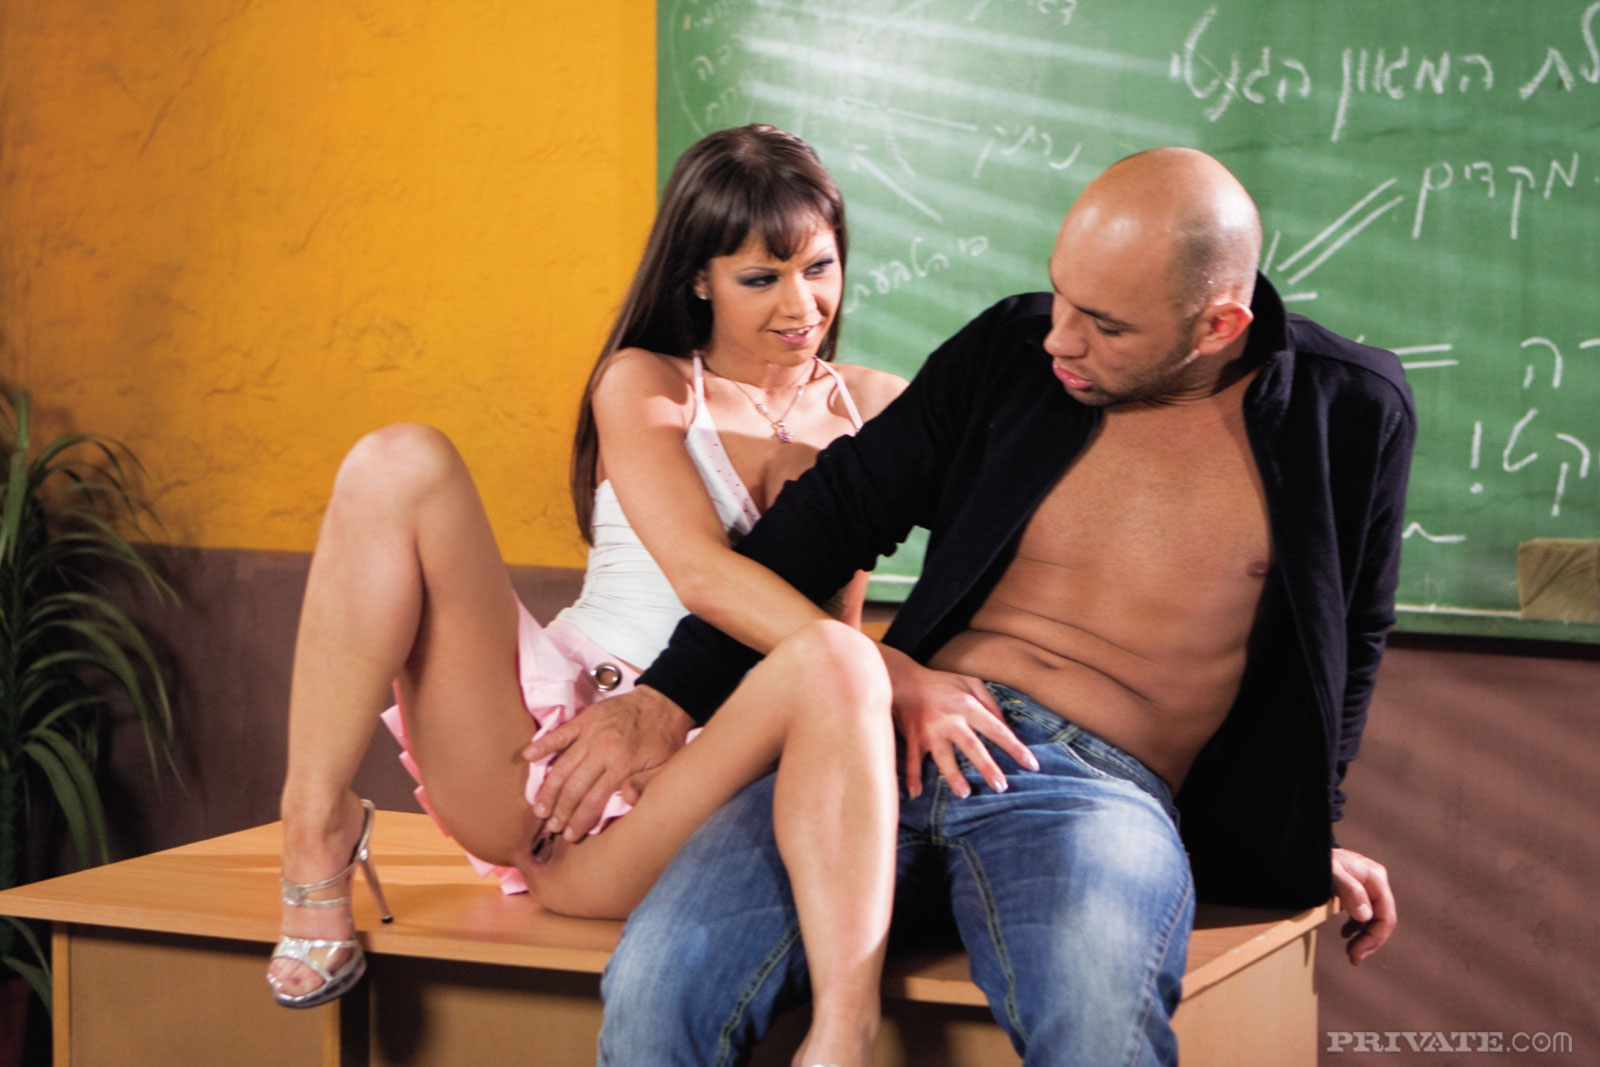 Babe sexy hot hardcore porn